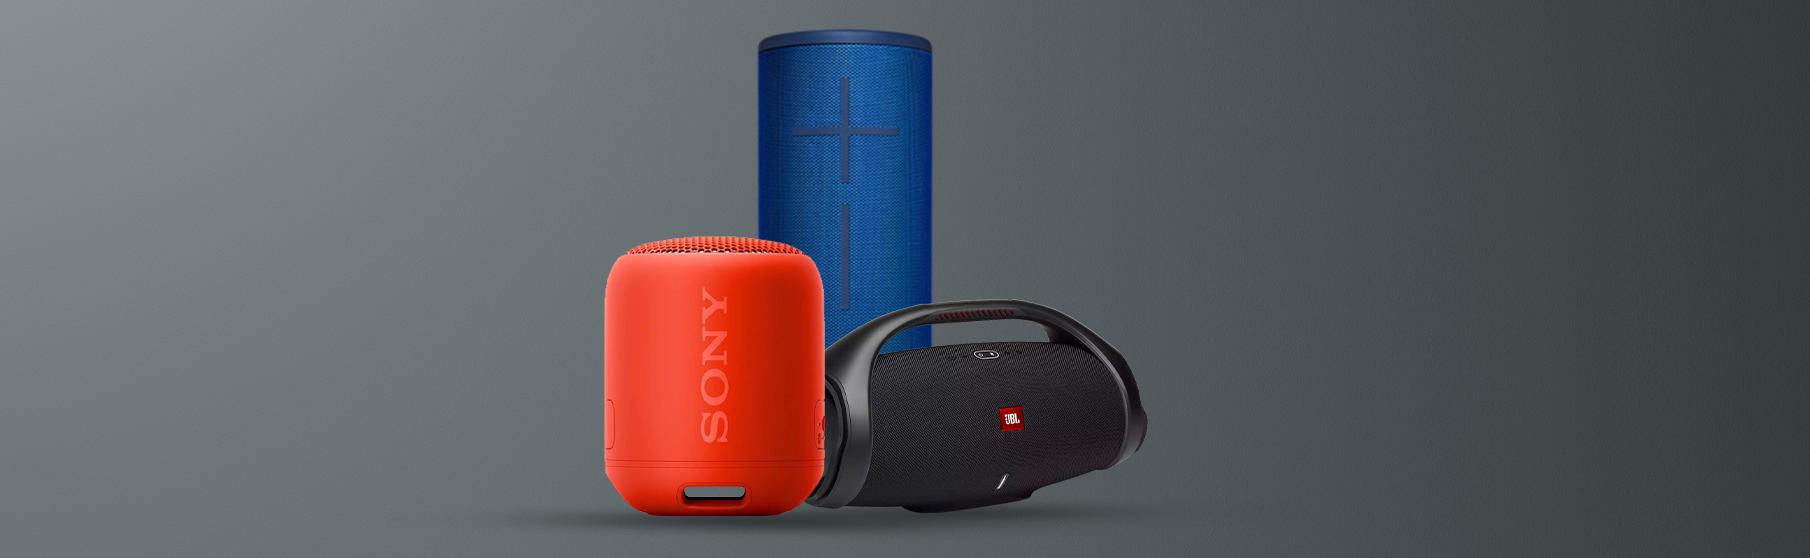 Melhor caixa de som Bluetooth: veja modelos para comprar em 2021